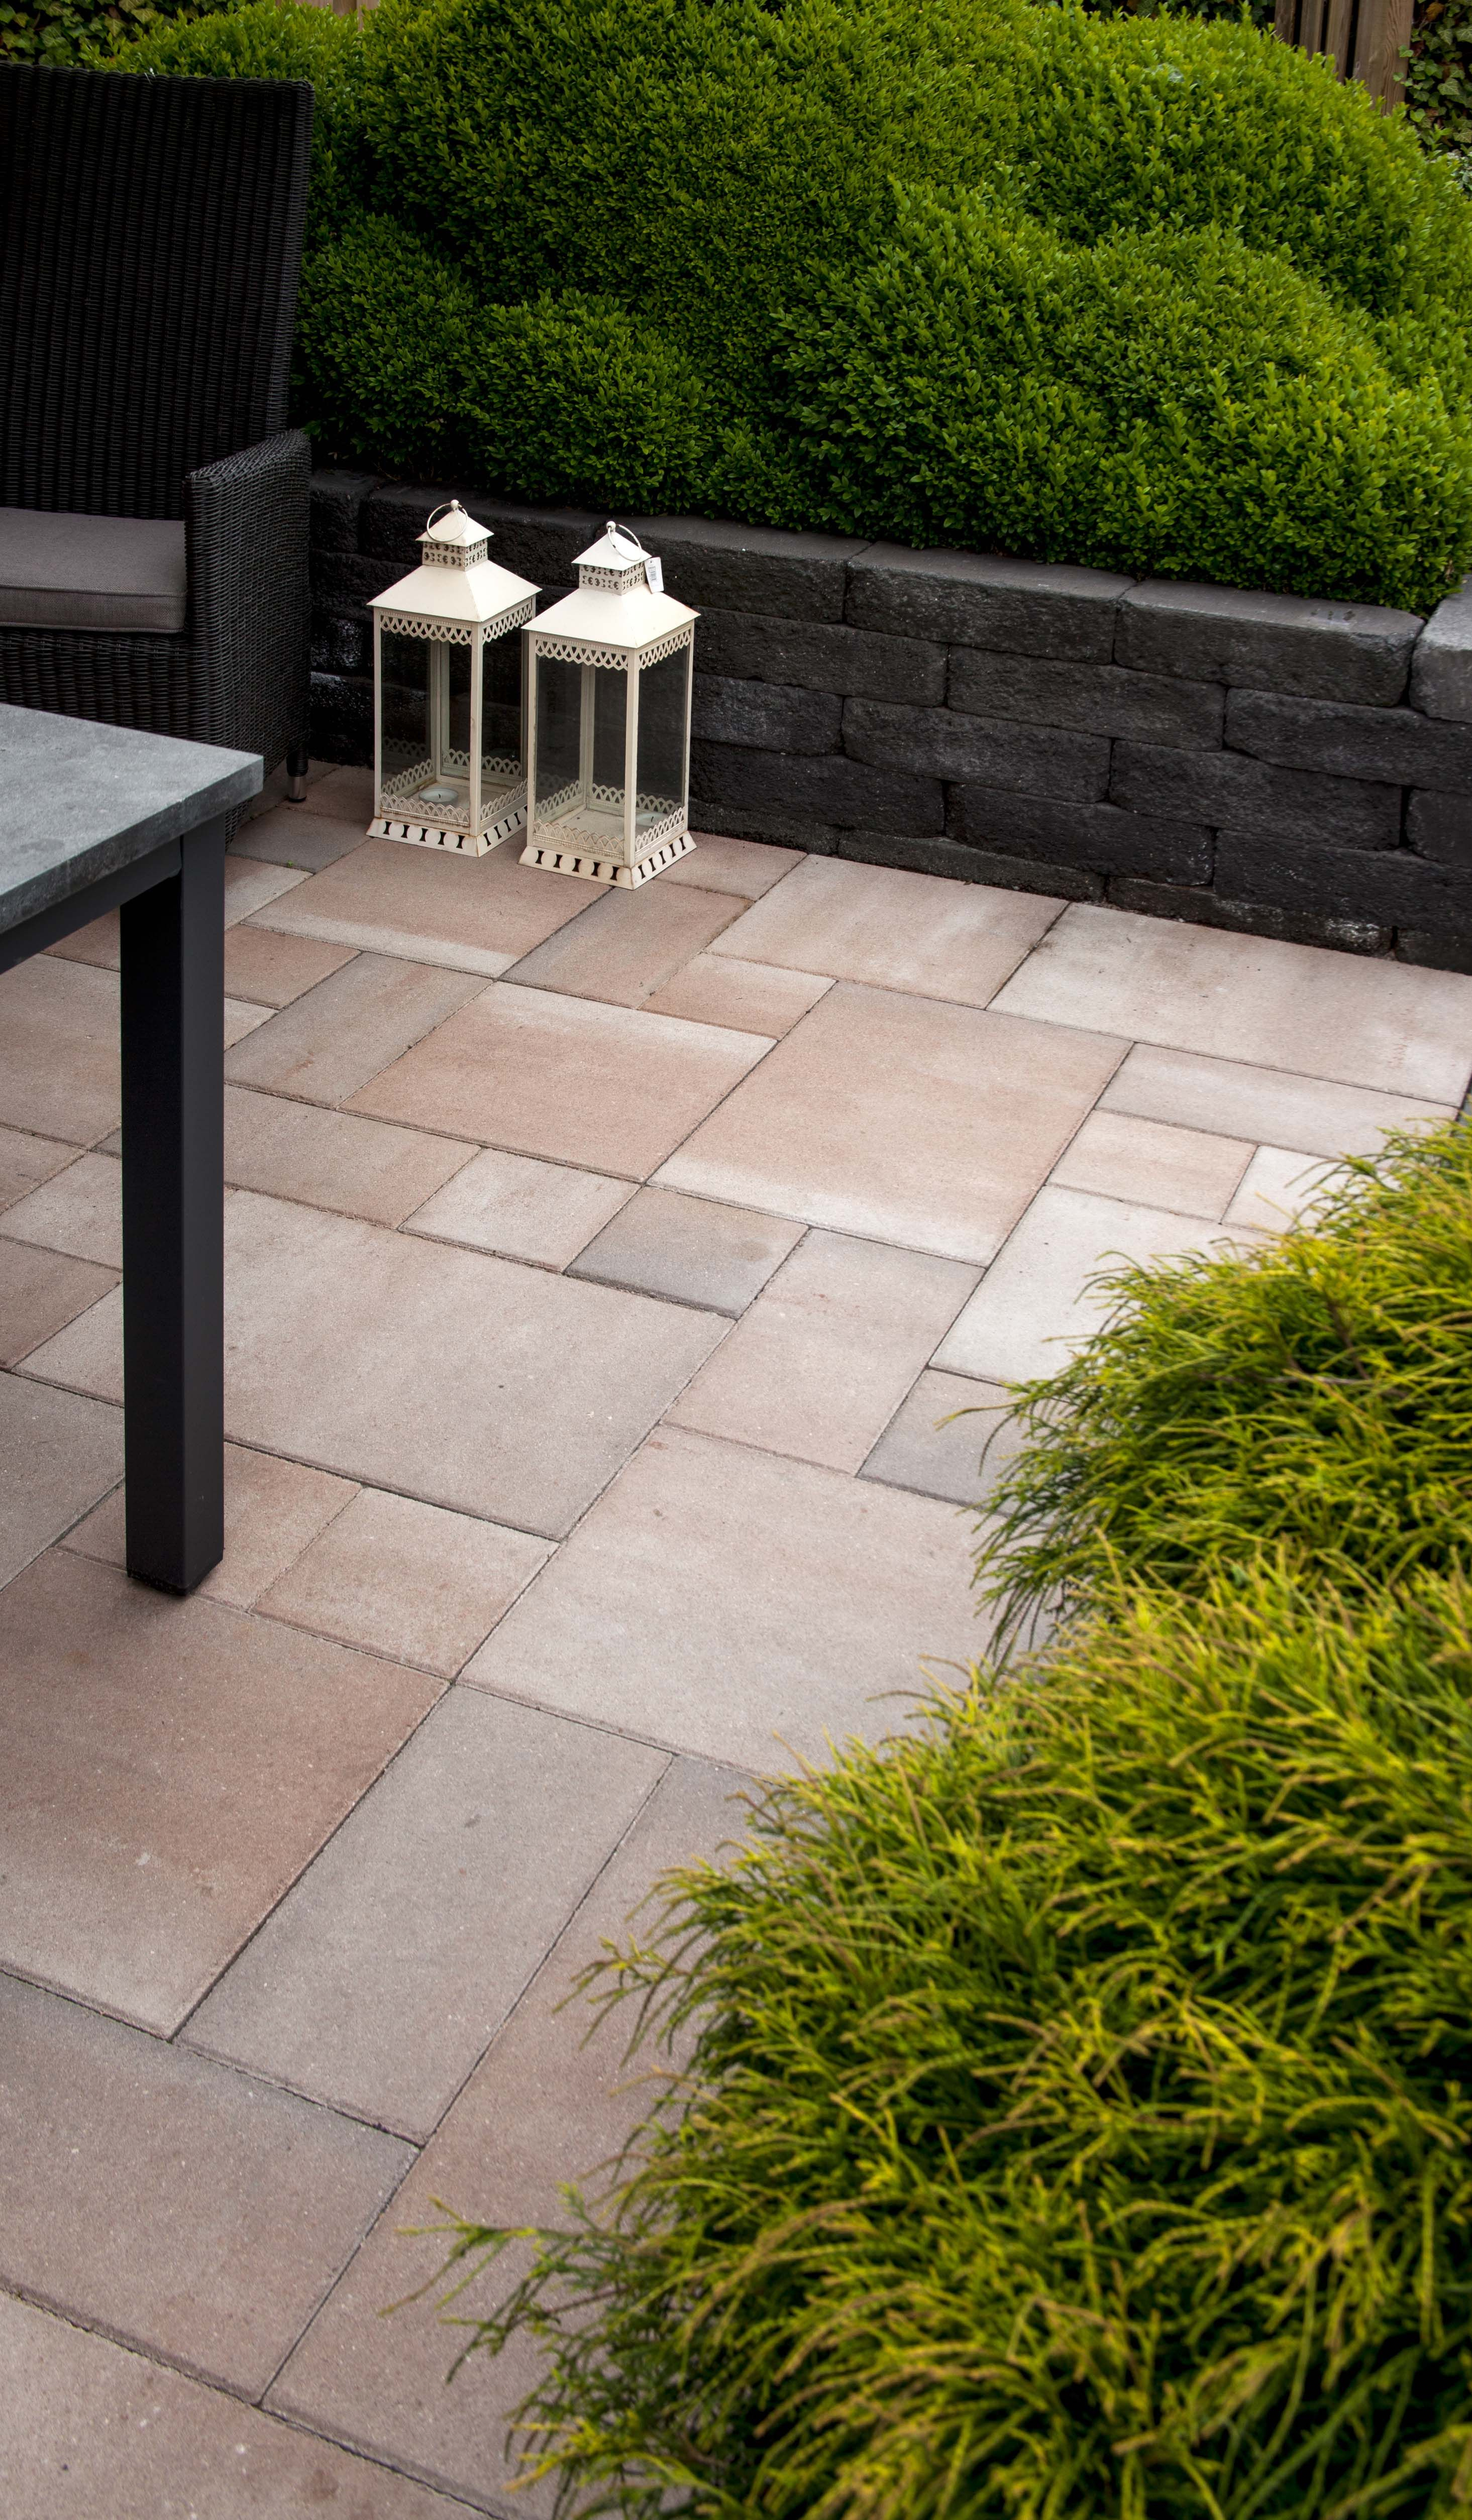 Everton kilimanjaro wildverband muurelementen beton pinterest kleine tuin ontwerpen tuin - Deco kleine tuin buiten ...